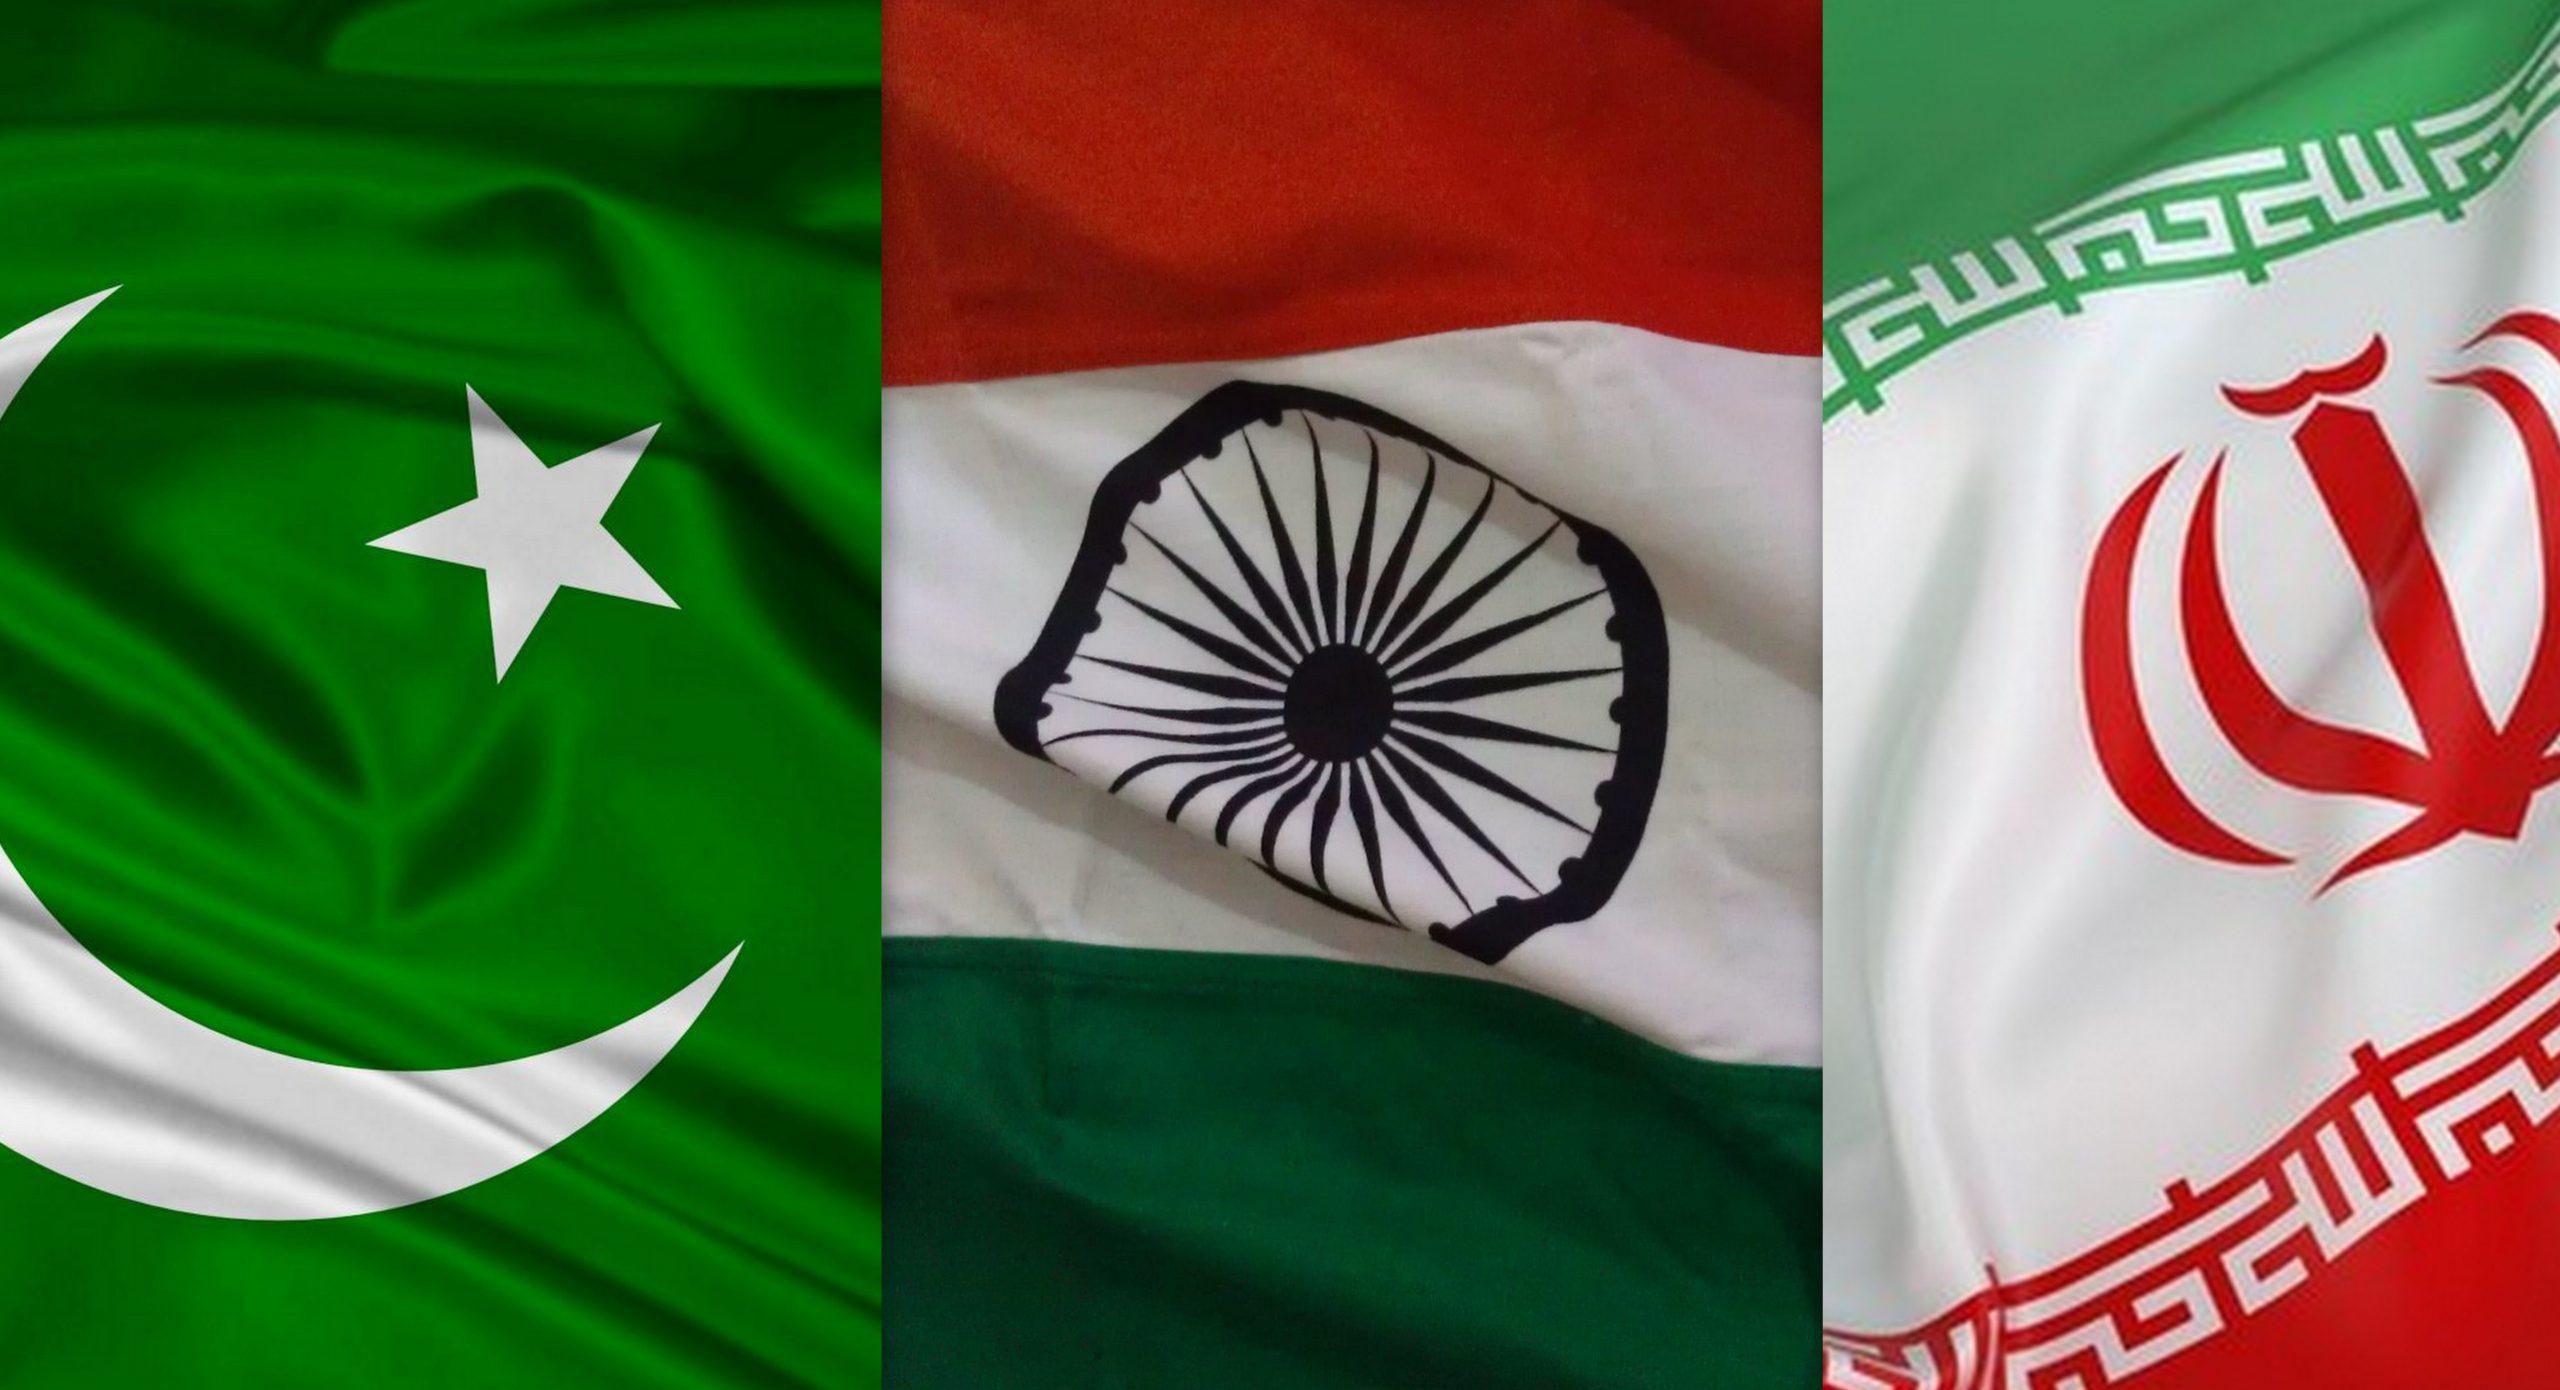 واردات گسترده گوارگام از هند و پاکستان